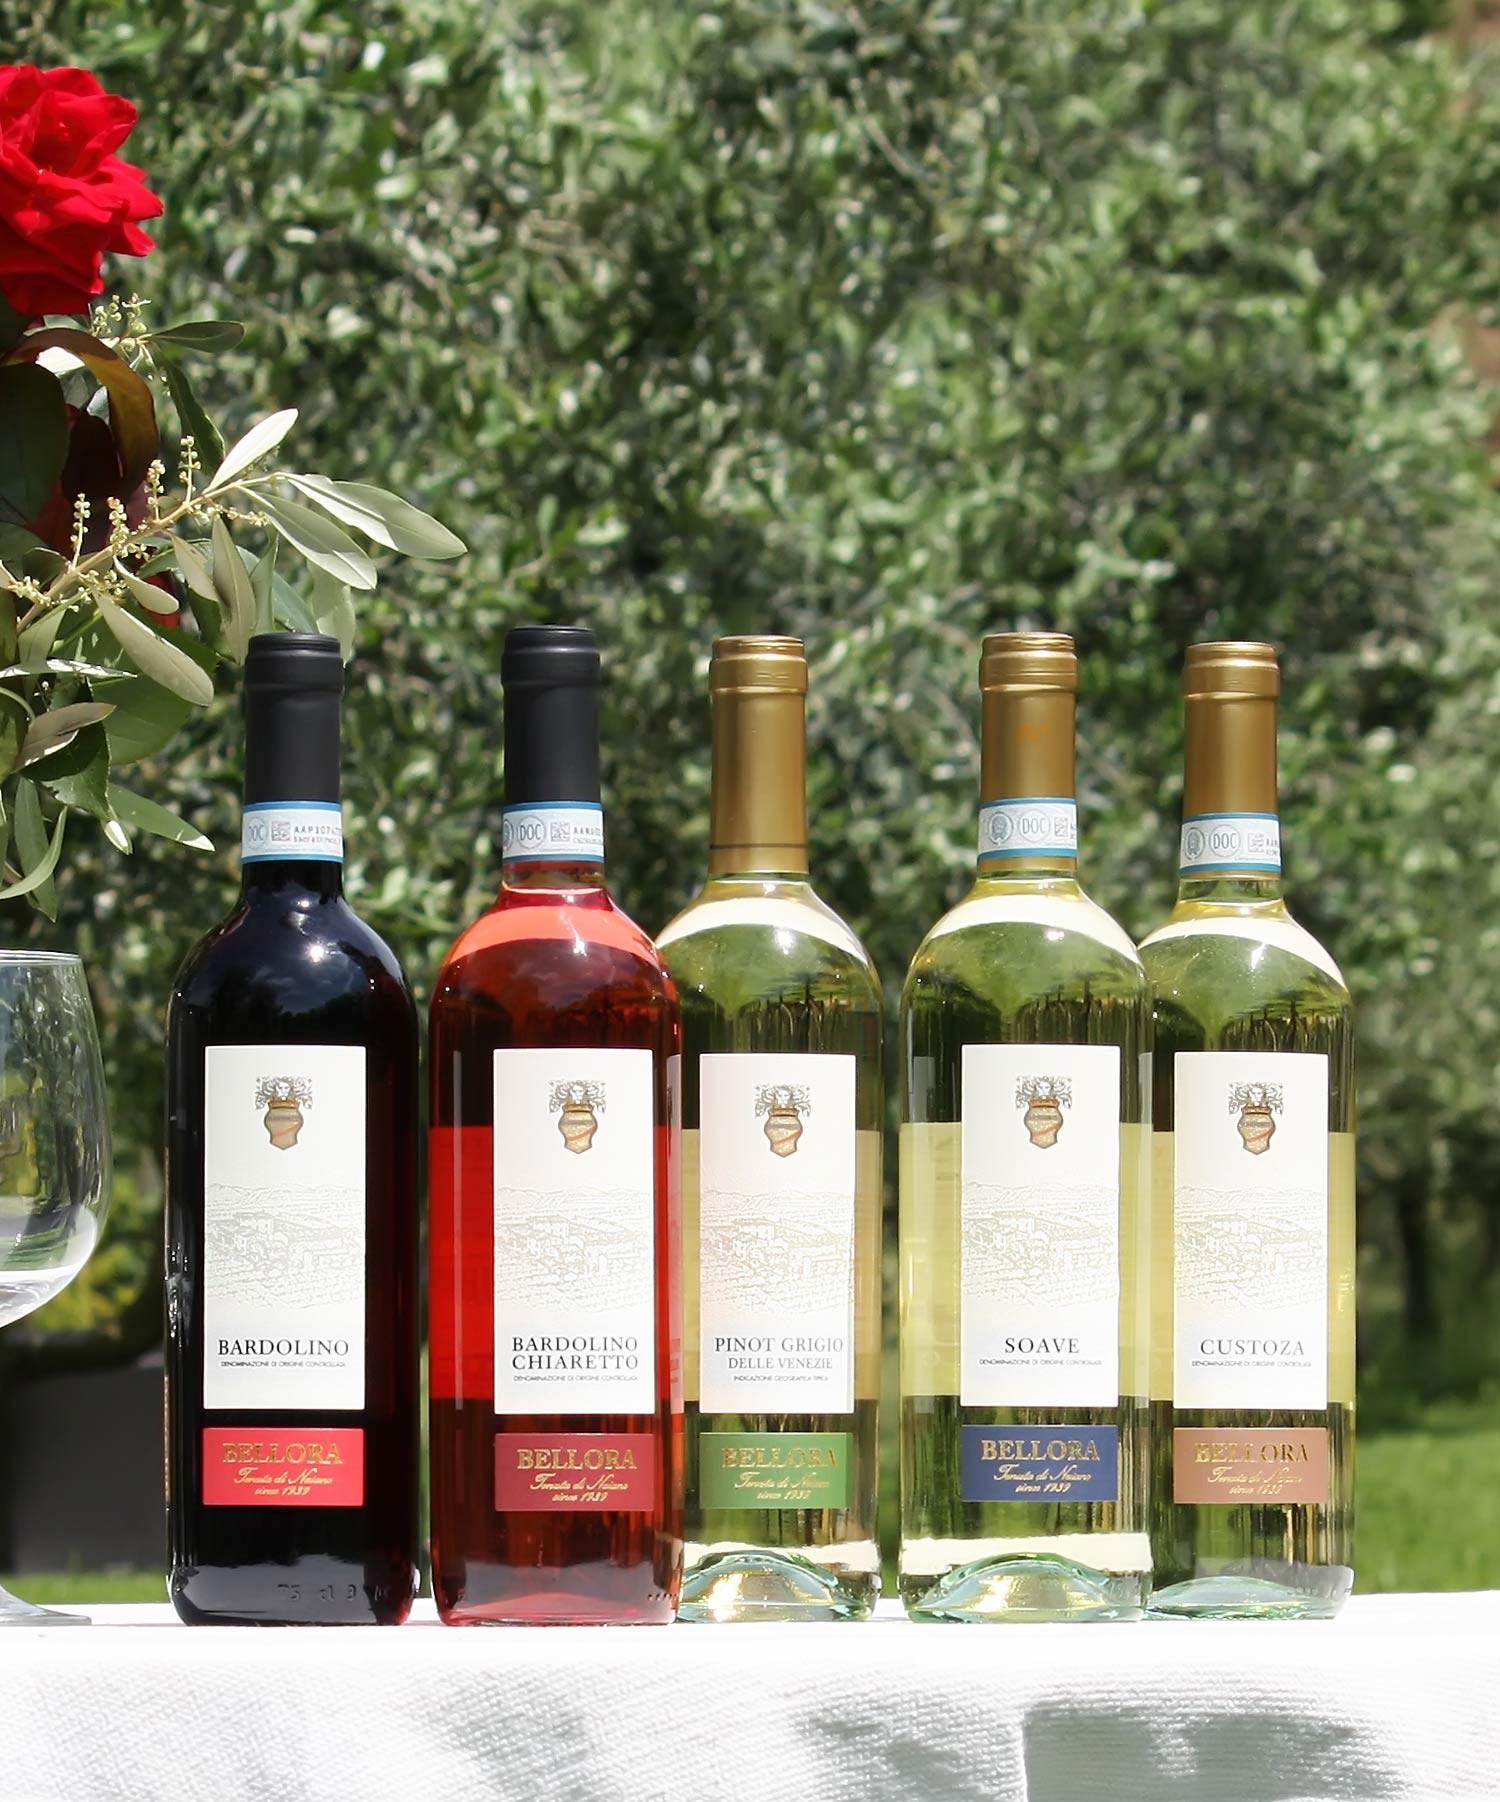 Bellora produzione vini